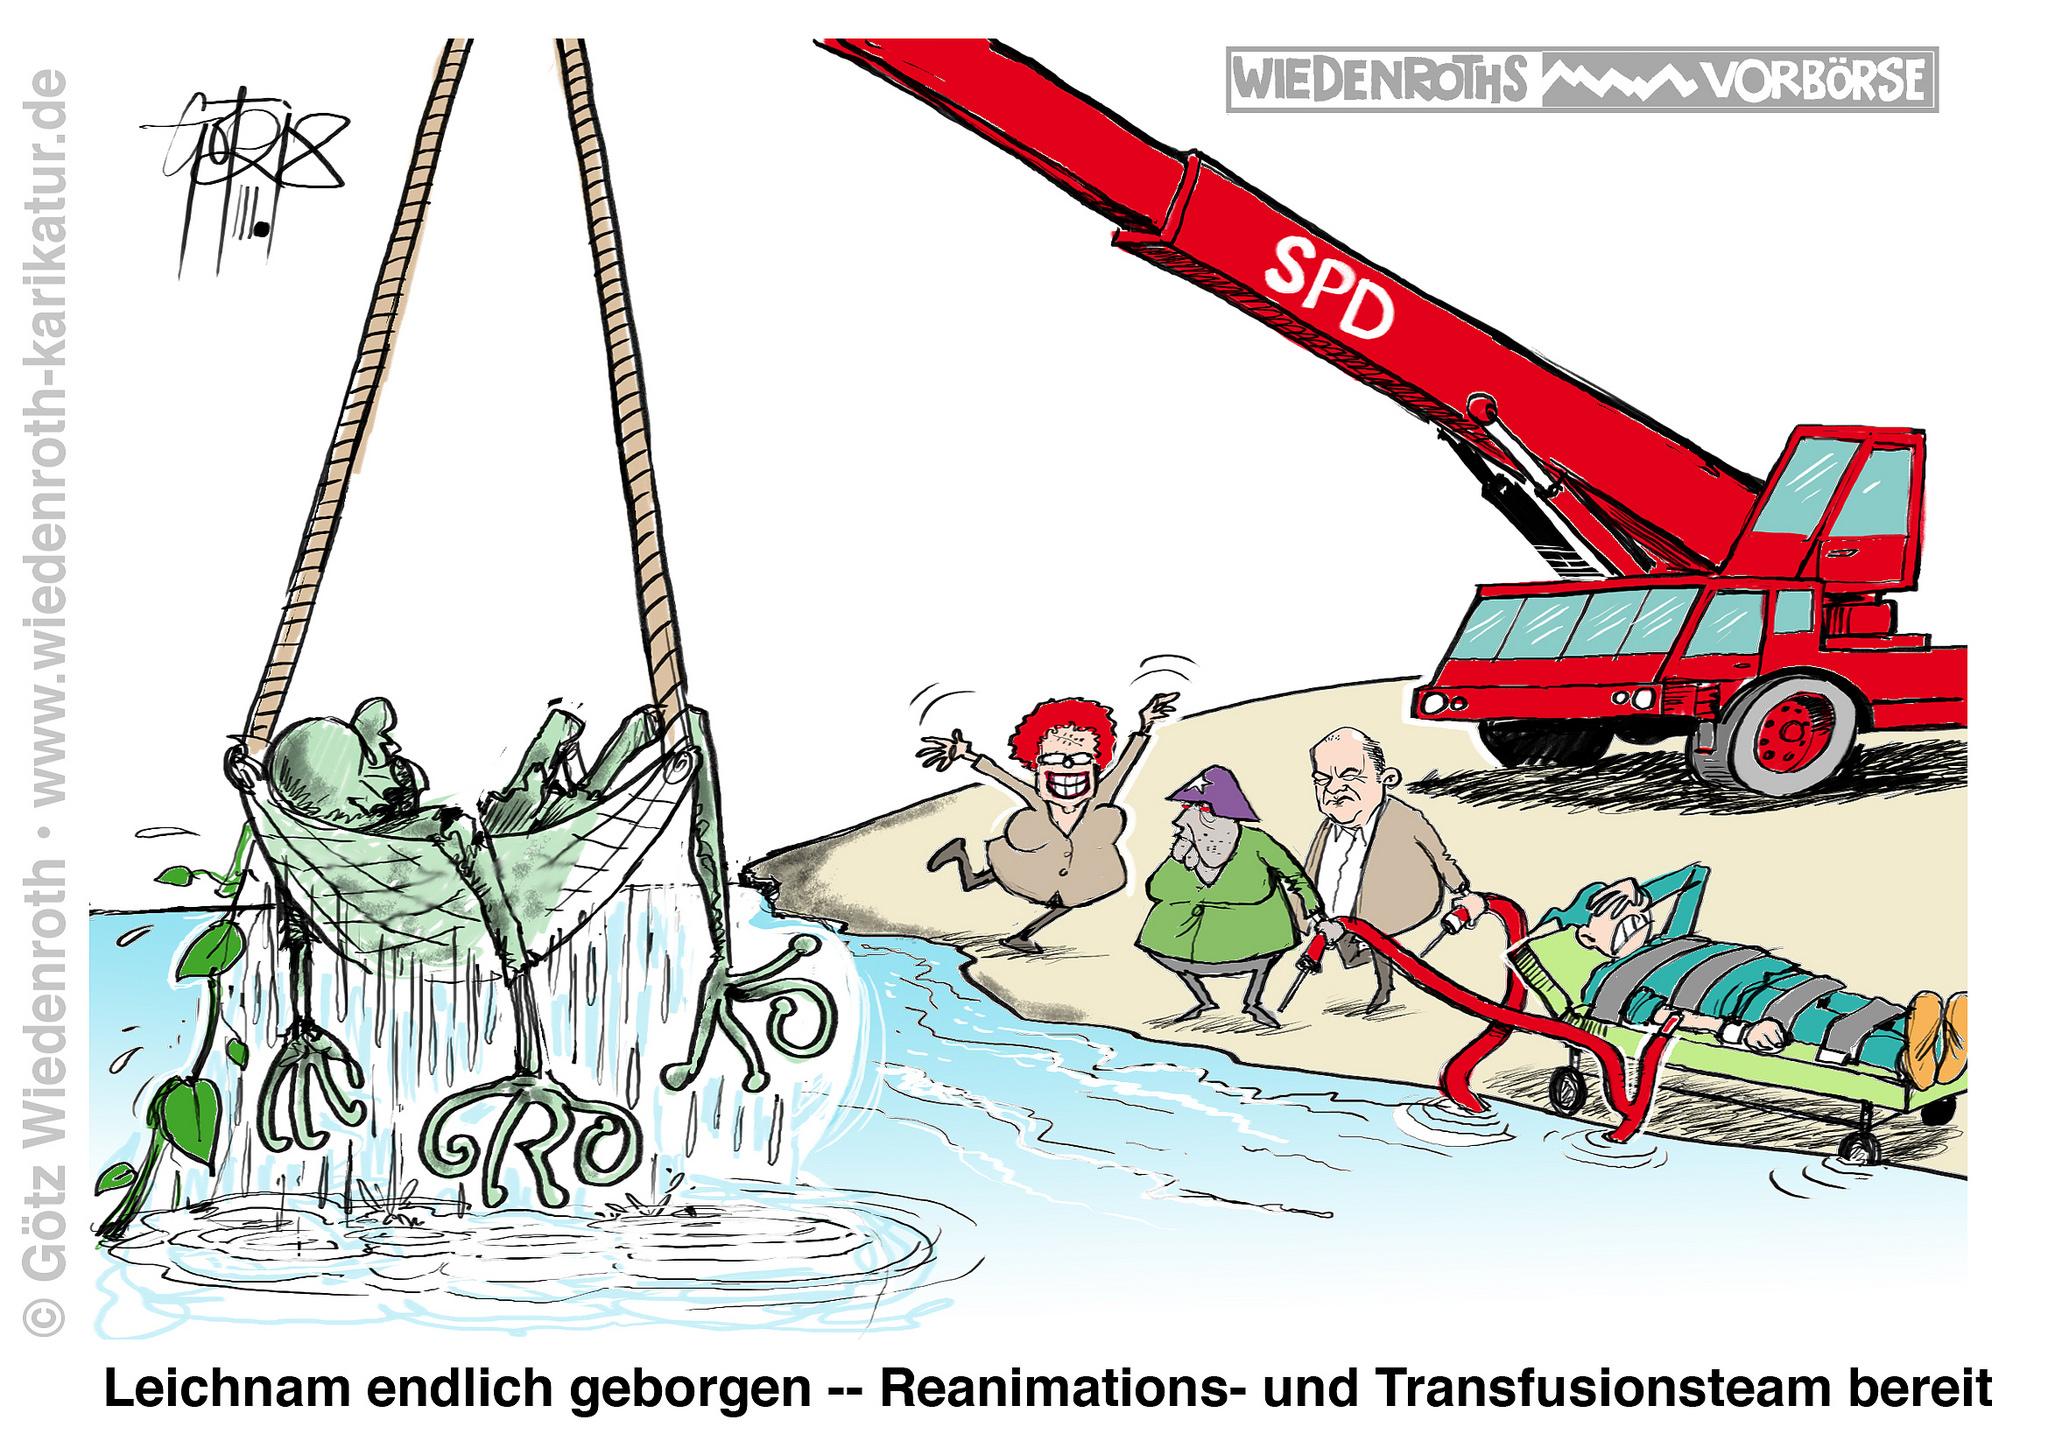 Rats-GroKo geplatzt – nun mit grünen Kulturmarxisten vom Regen in die Traufe?